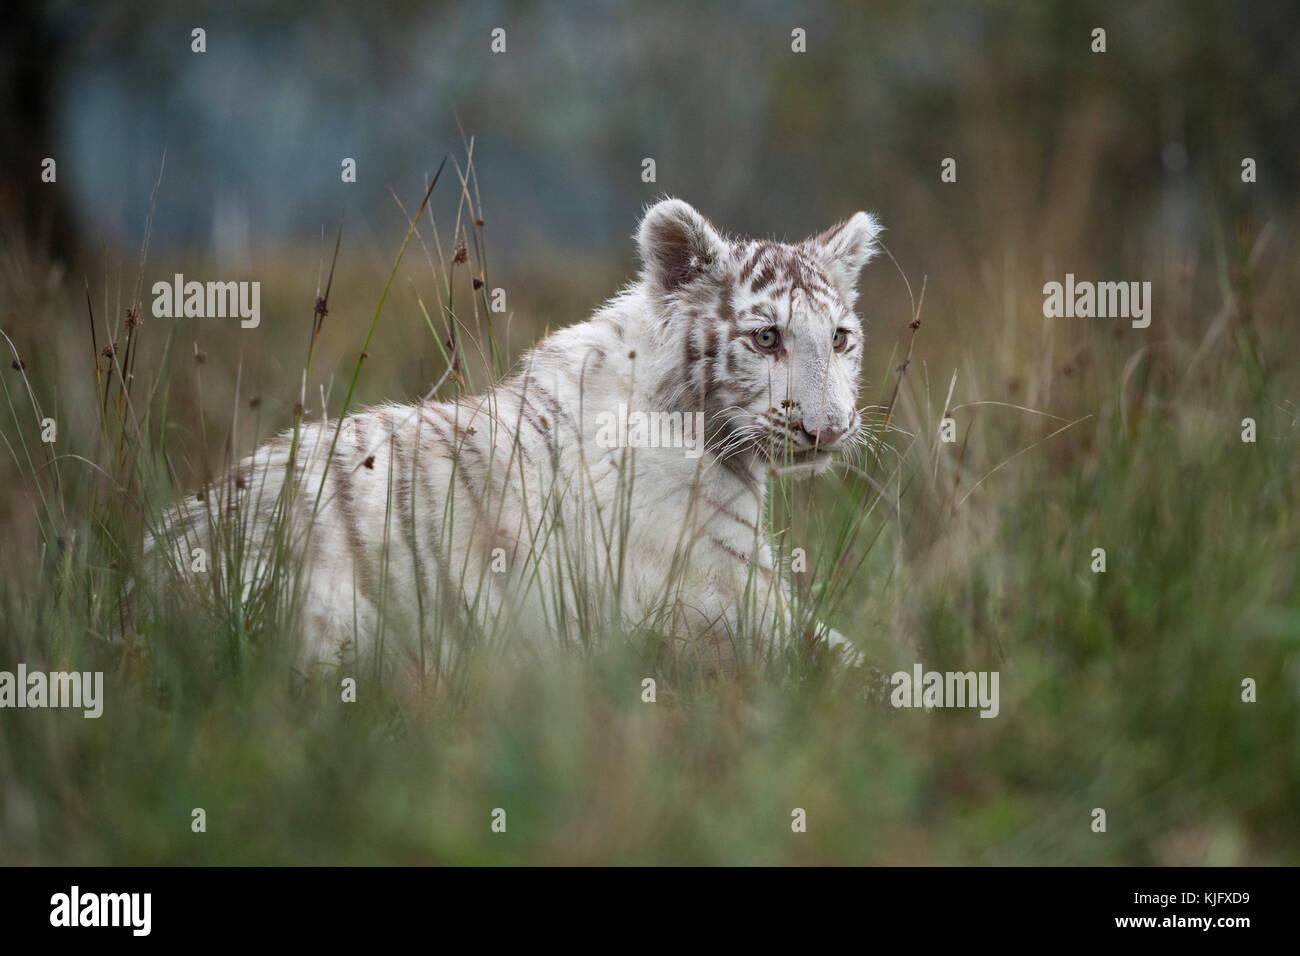 Royal Bengal Tiger ( Panthera tigris ), white animal, strolling through high grassland, side view in typical surrounding, - Stock Image